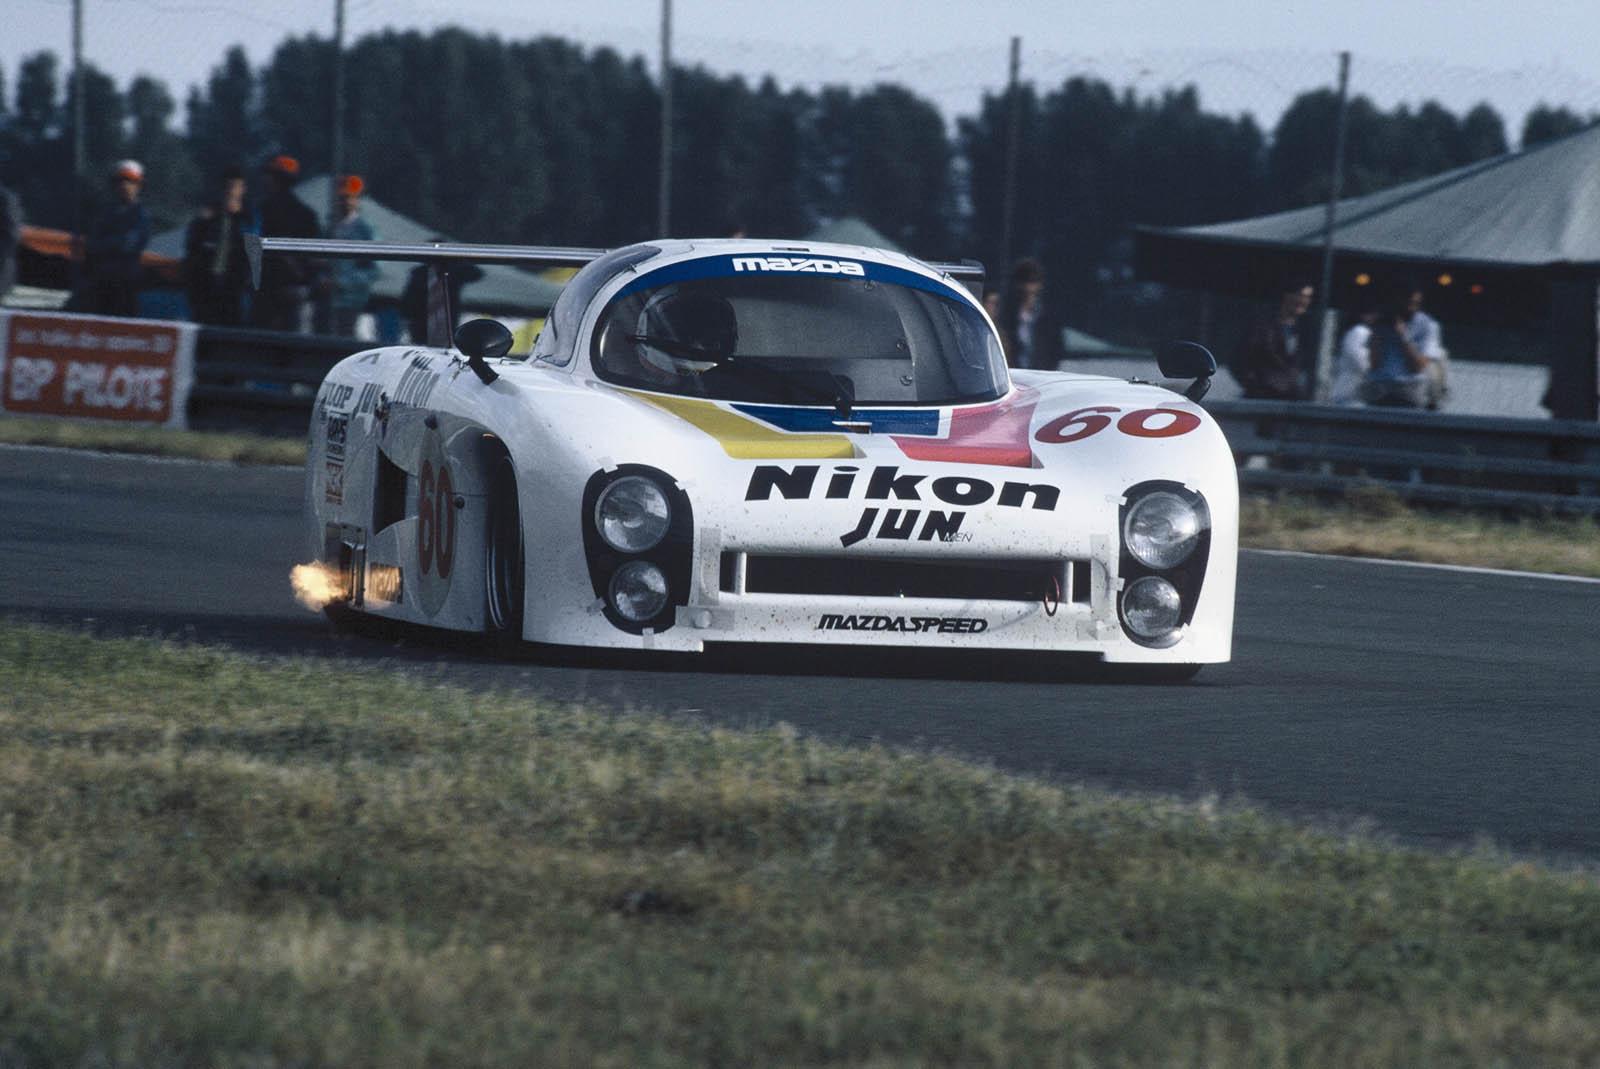 Mazda-50-years-of-rotary-p26_04